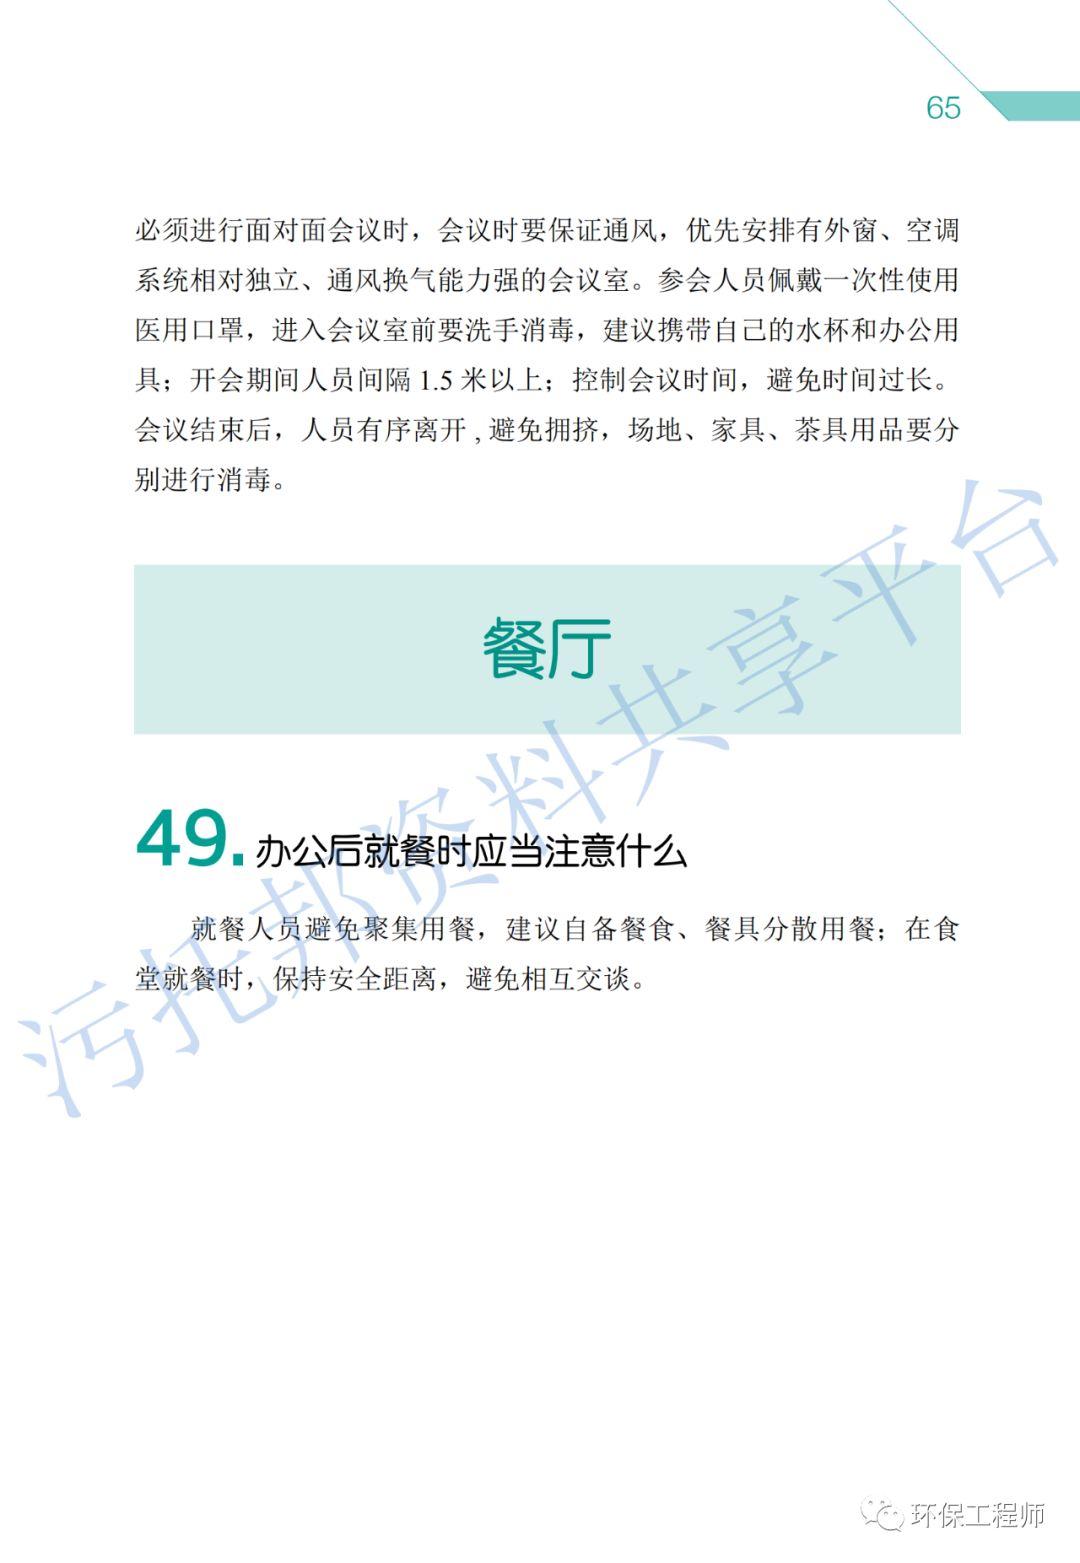 《环保从业人员新型冠状病毒疫情防护手册》_44